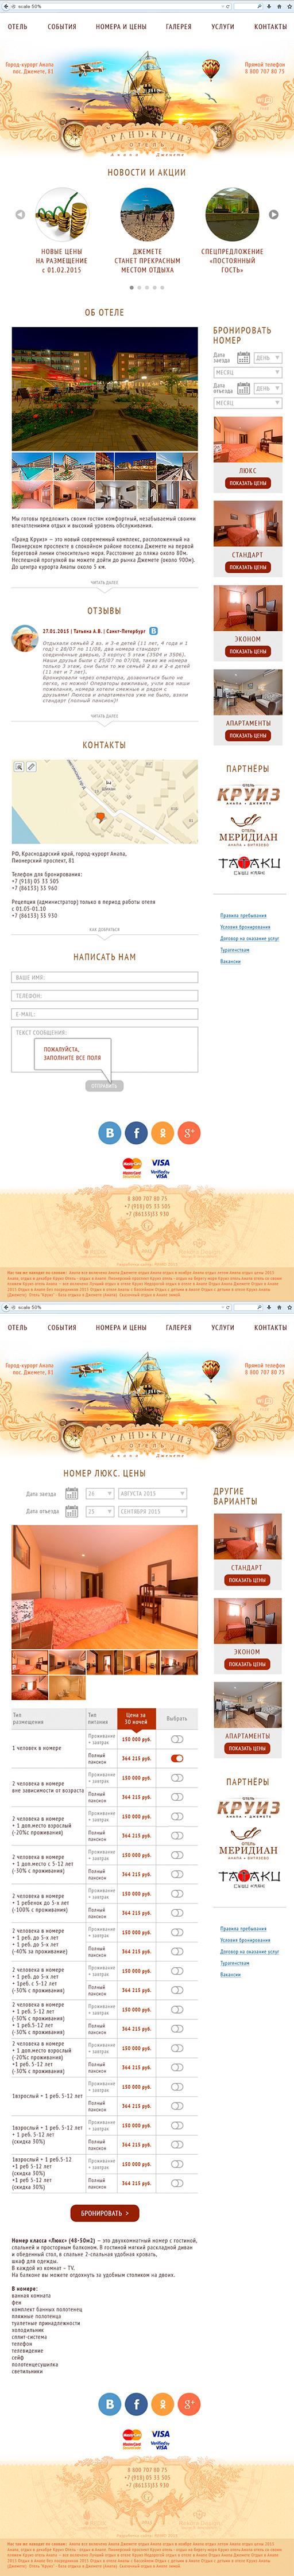 2015 - «Гранд Круиз» v2.0. - сайт отеля в г. Анапа, пос. Джемете